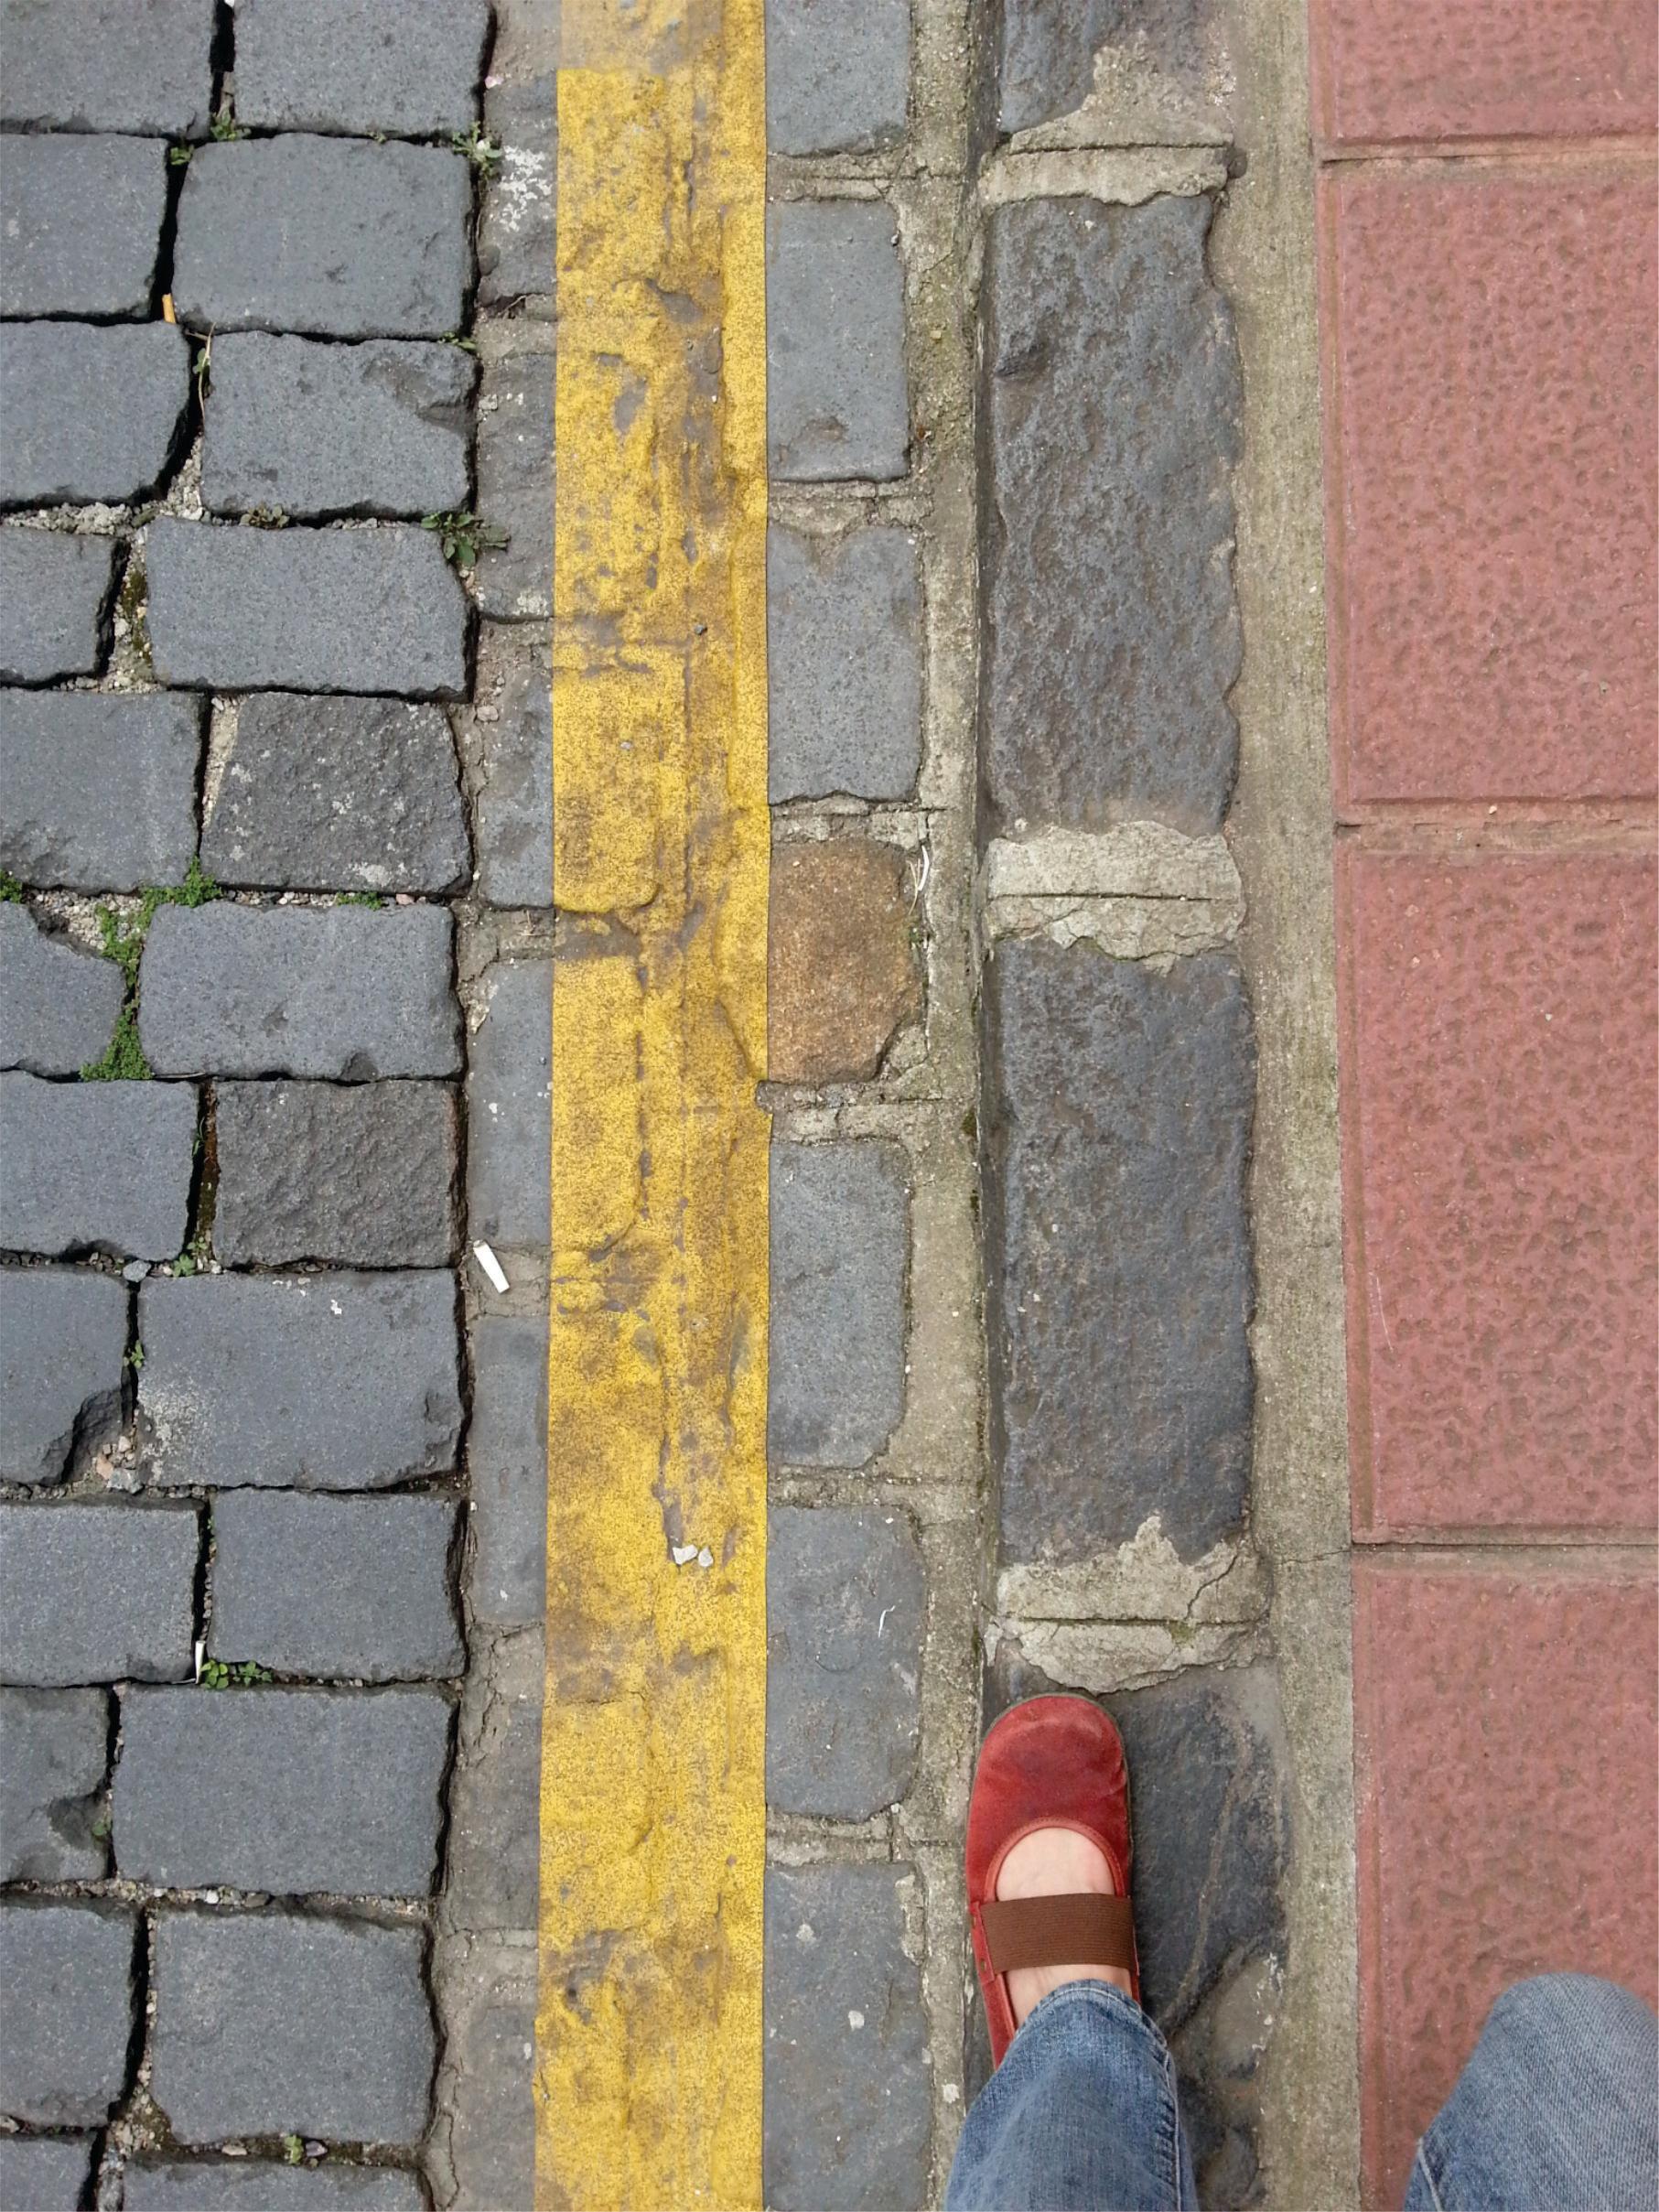 Registro de arte urbana/caminhos CWB